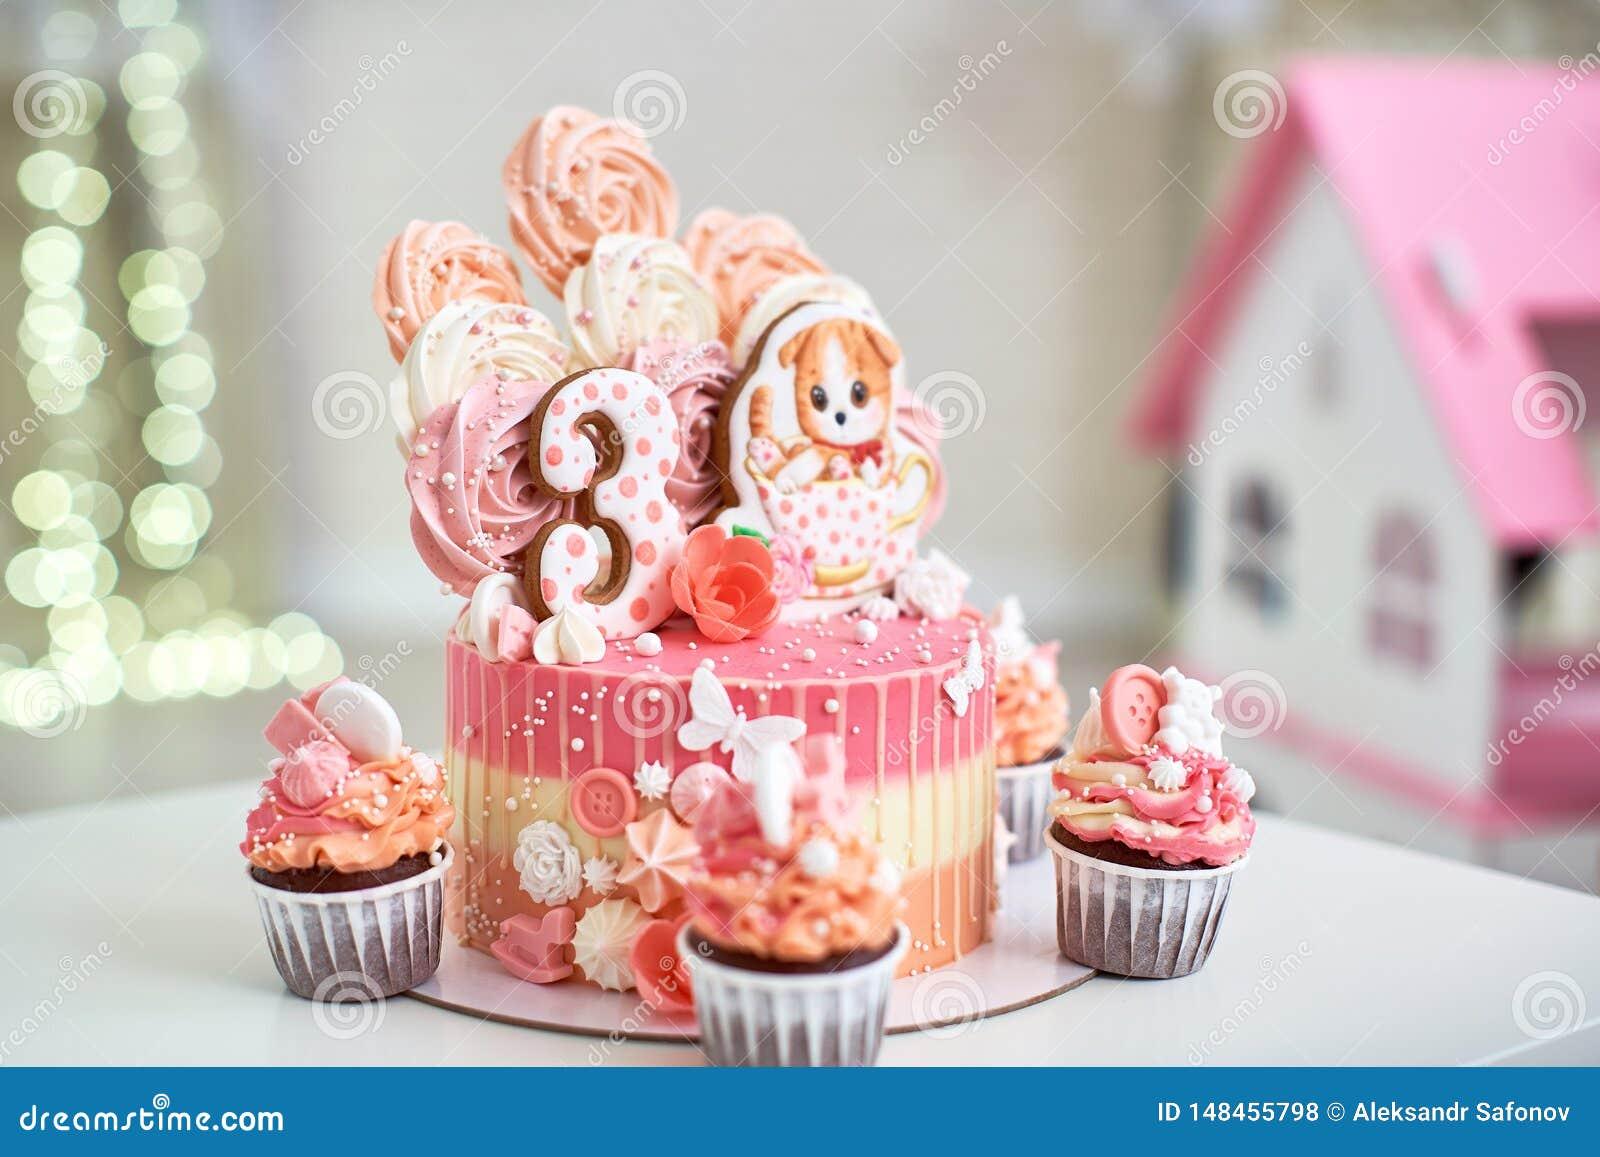 Именниный пирог на 3 лет украшенный с котенком пряника бабочек с замороженностью и 3 меренга бледная - пинк в